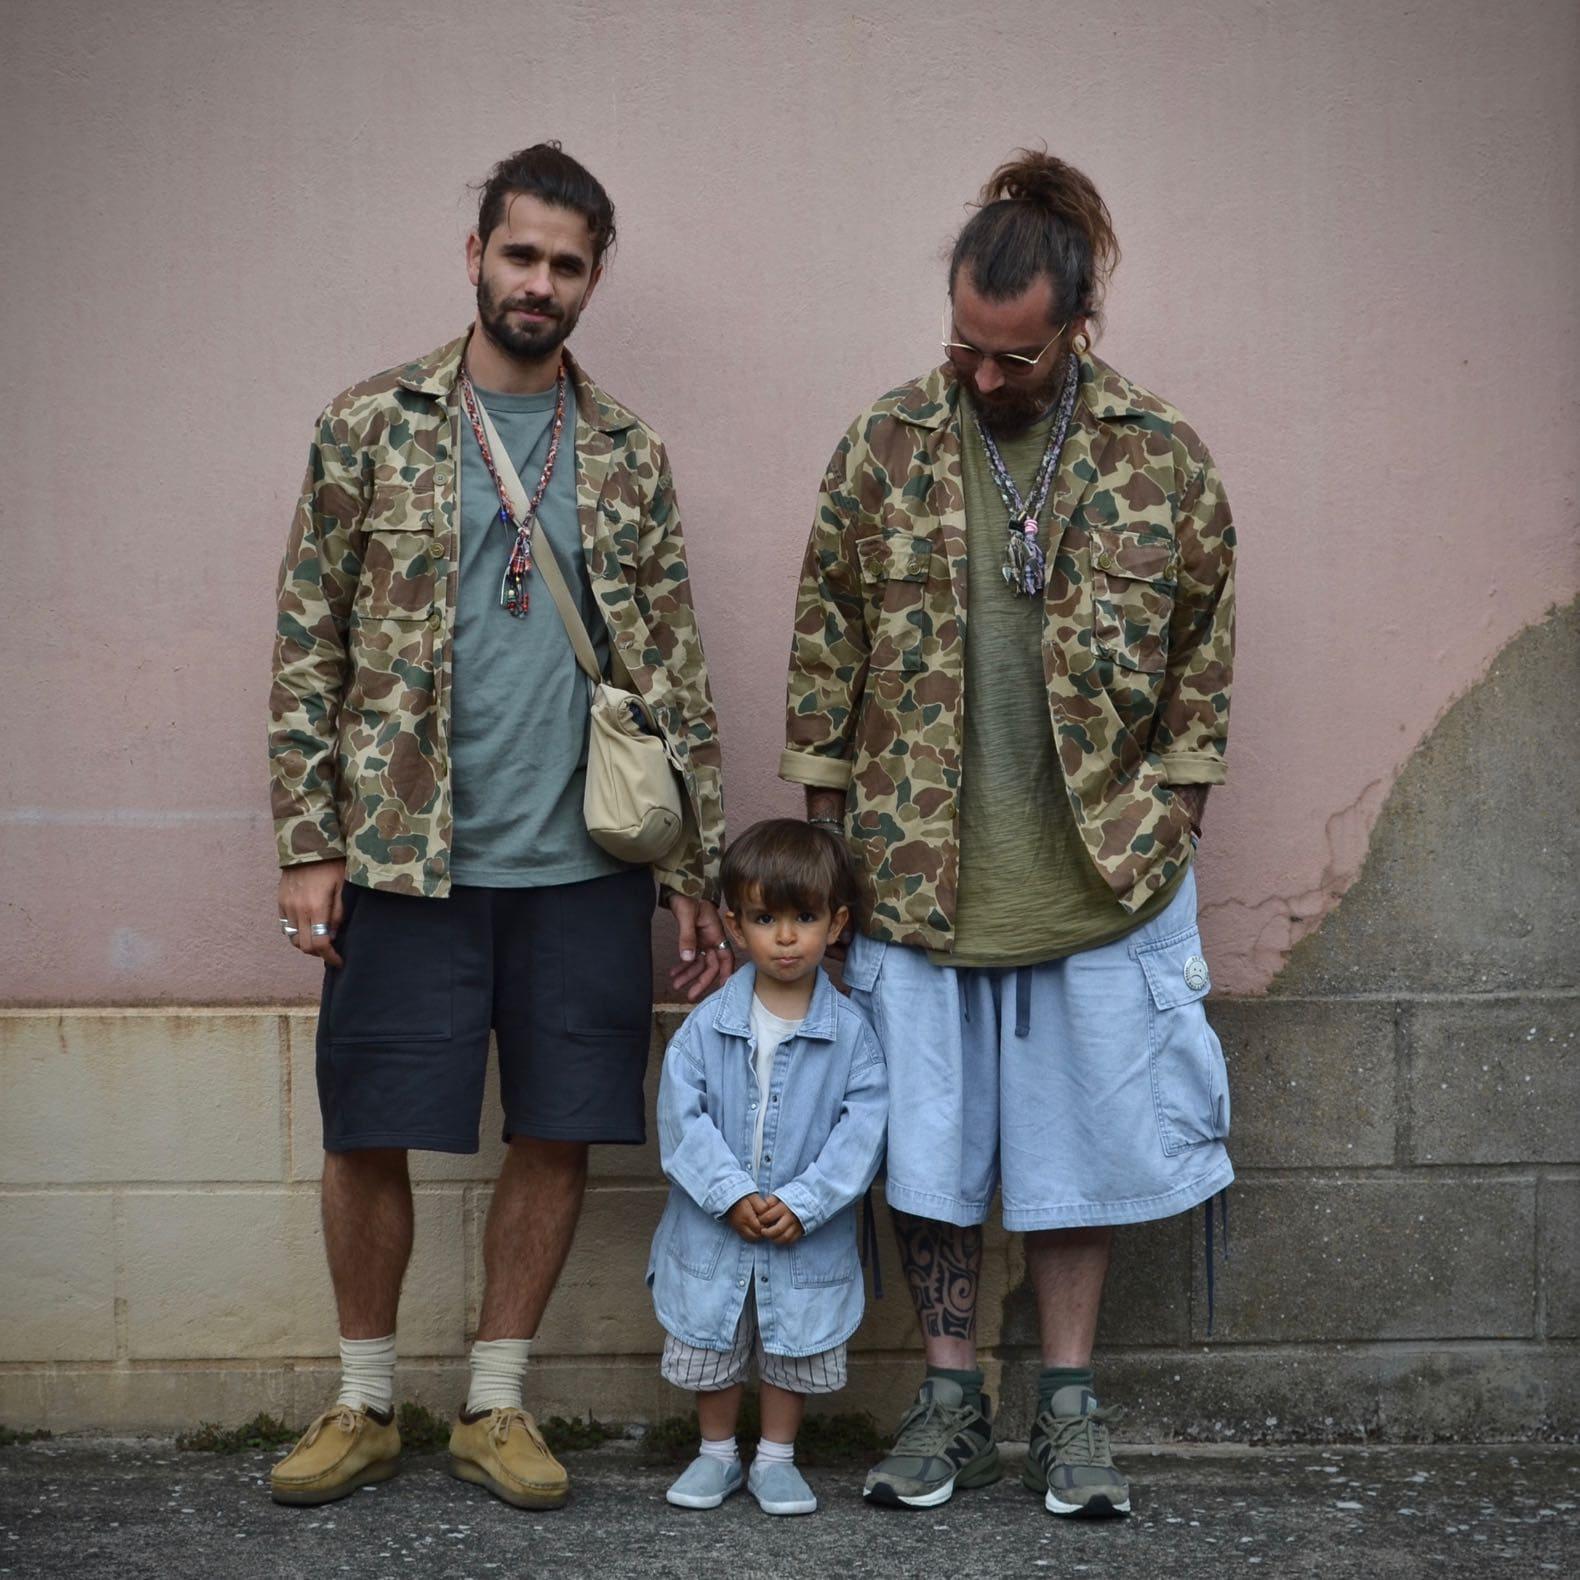 deux looks en camo et jean bleach et un enfant